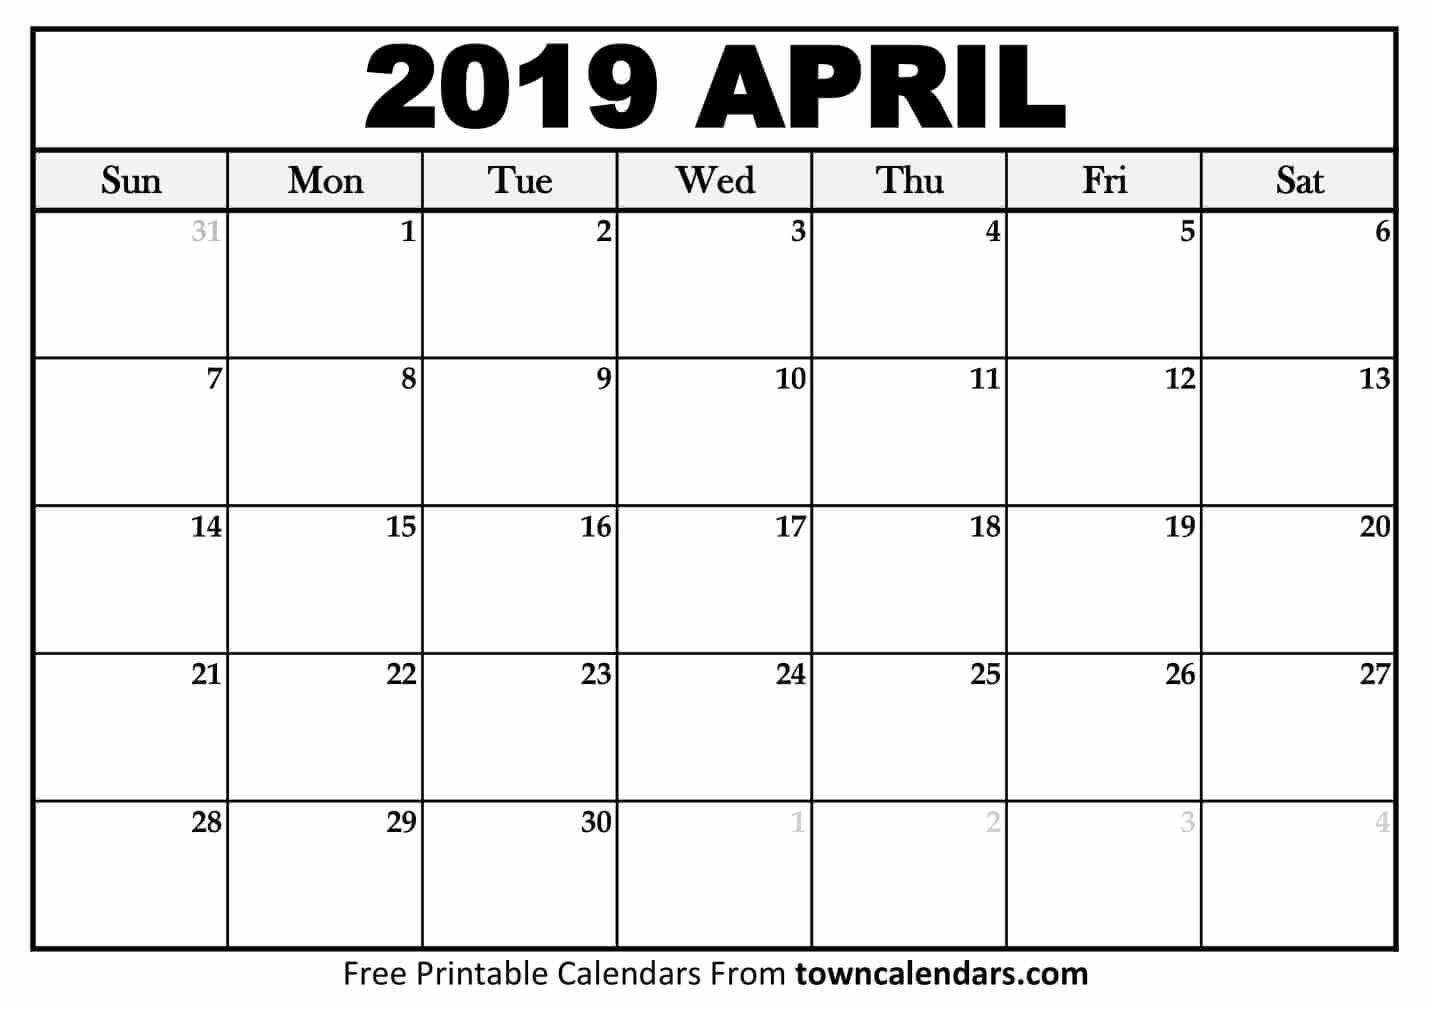 Printable April 2019 Calendar - Towncalendars April 1 2019 Calendar